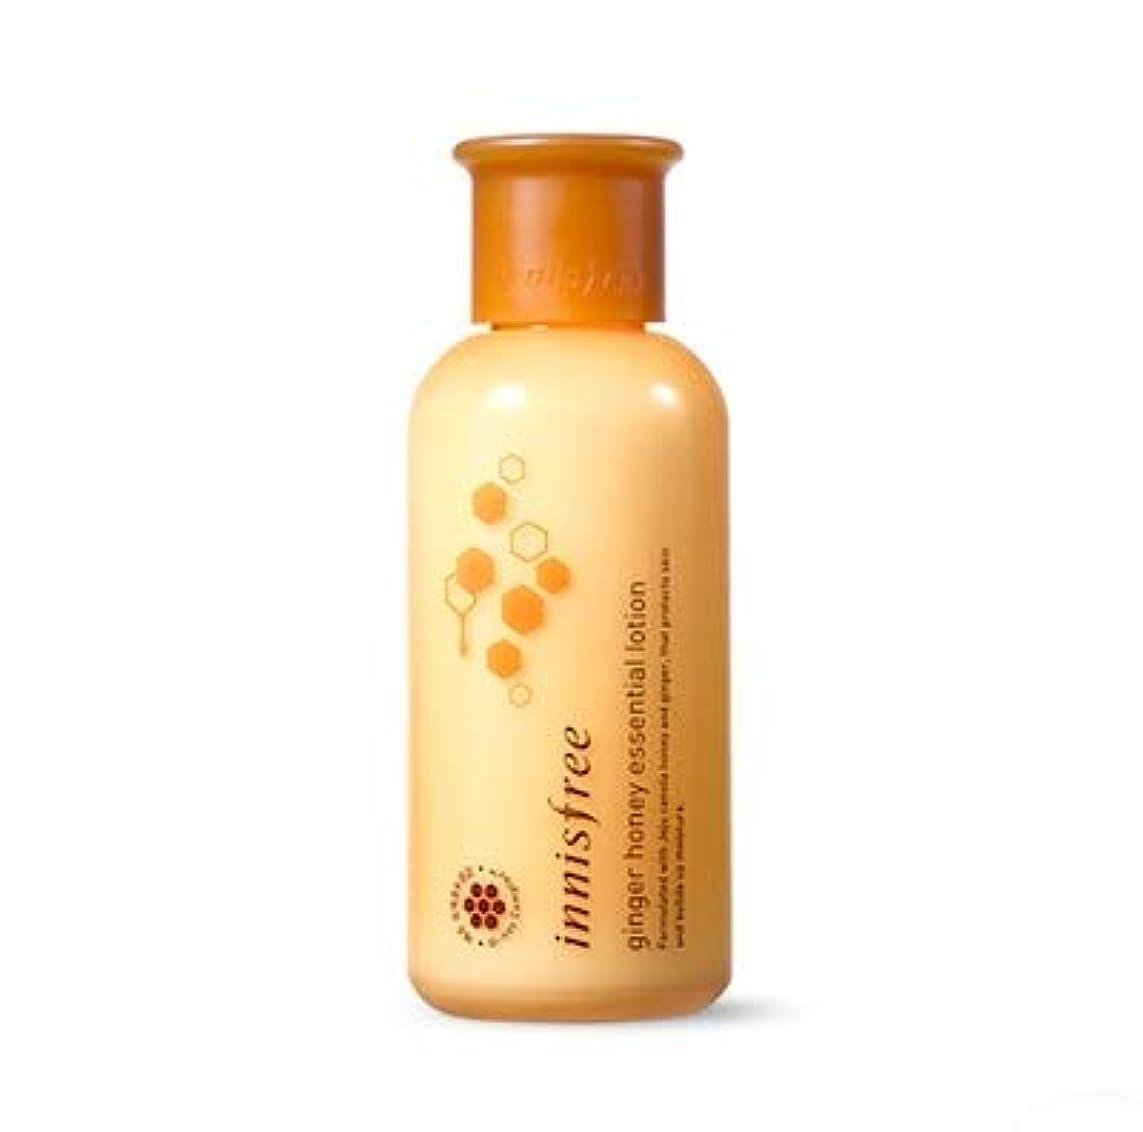 遺伝的勇気必要INNISFREE Ginger Honey Essential Lotion イニスフリー ジンジャー ハニー エッセンシャル ローション 160ml [並行輸入品]